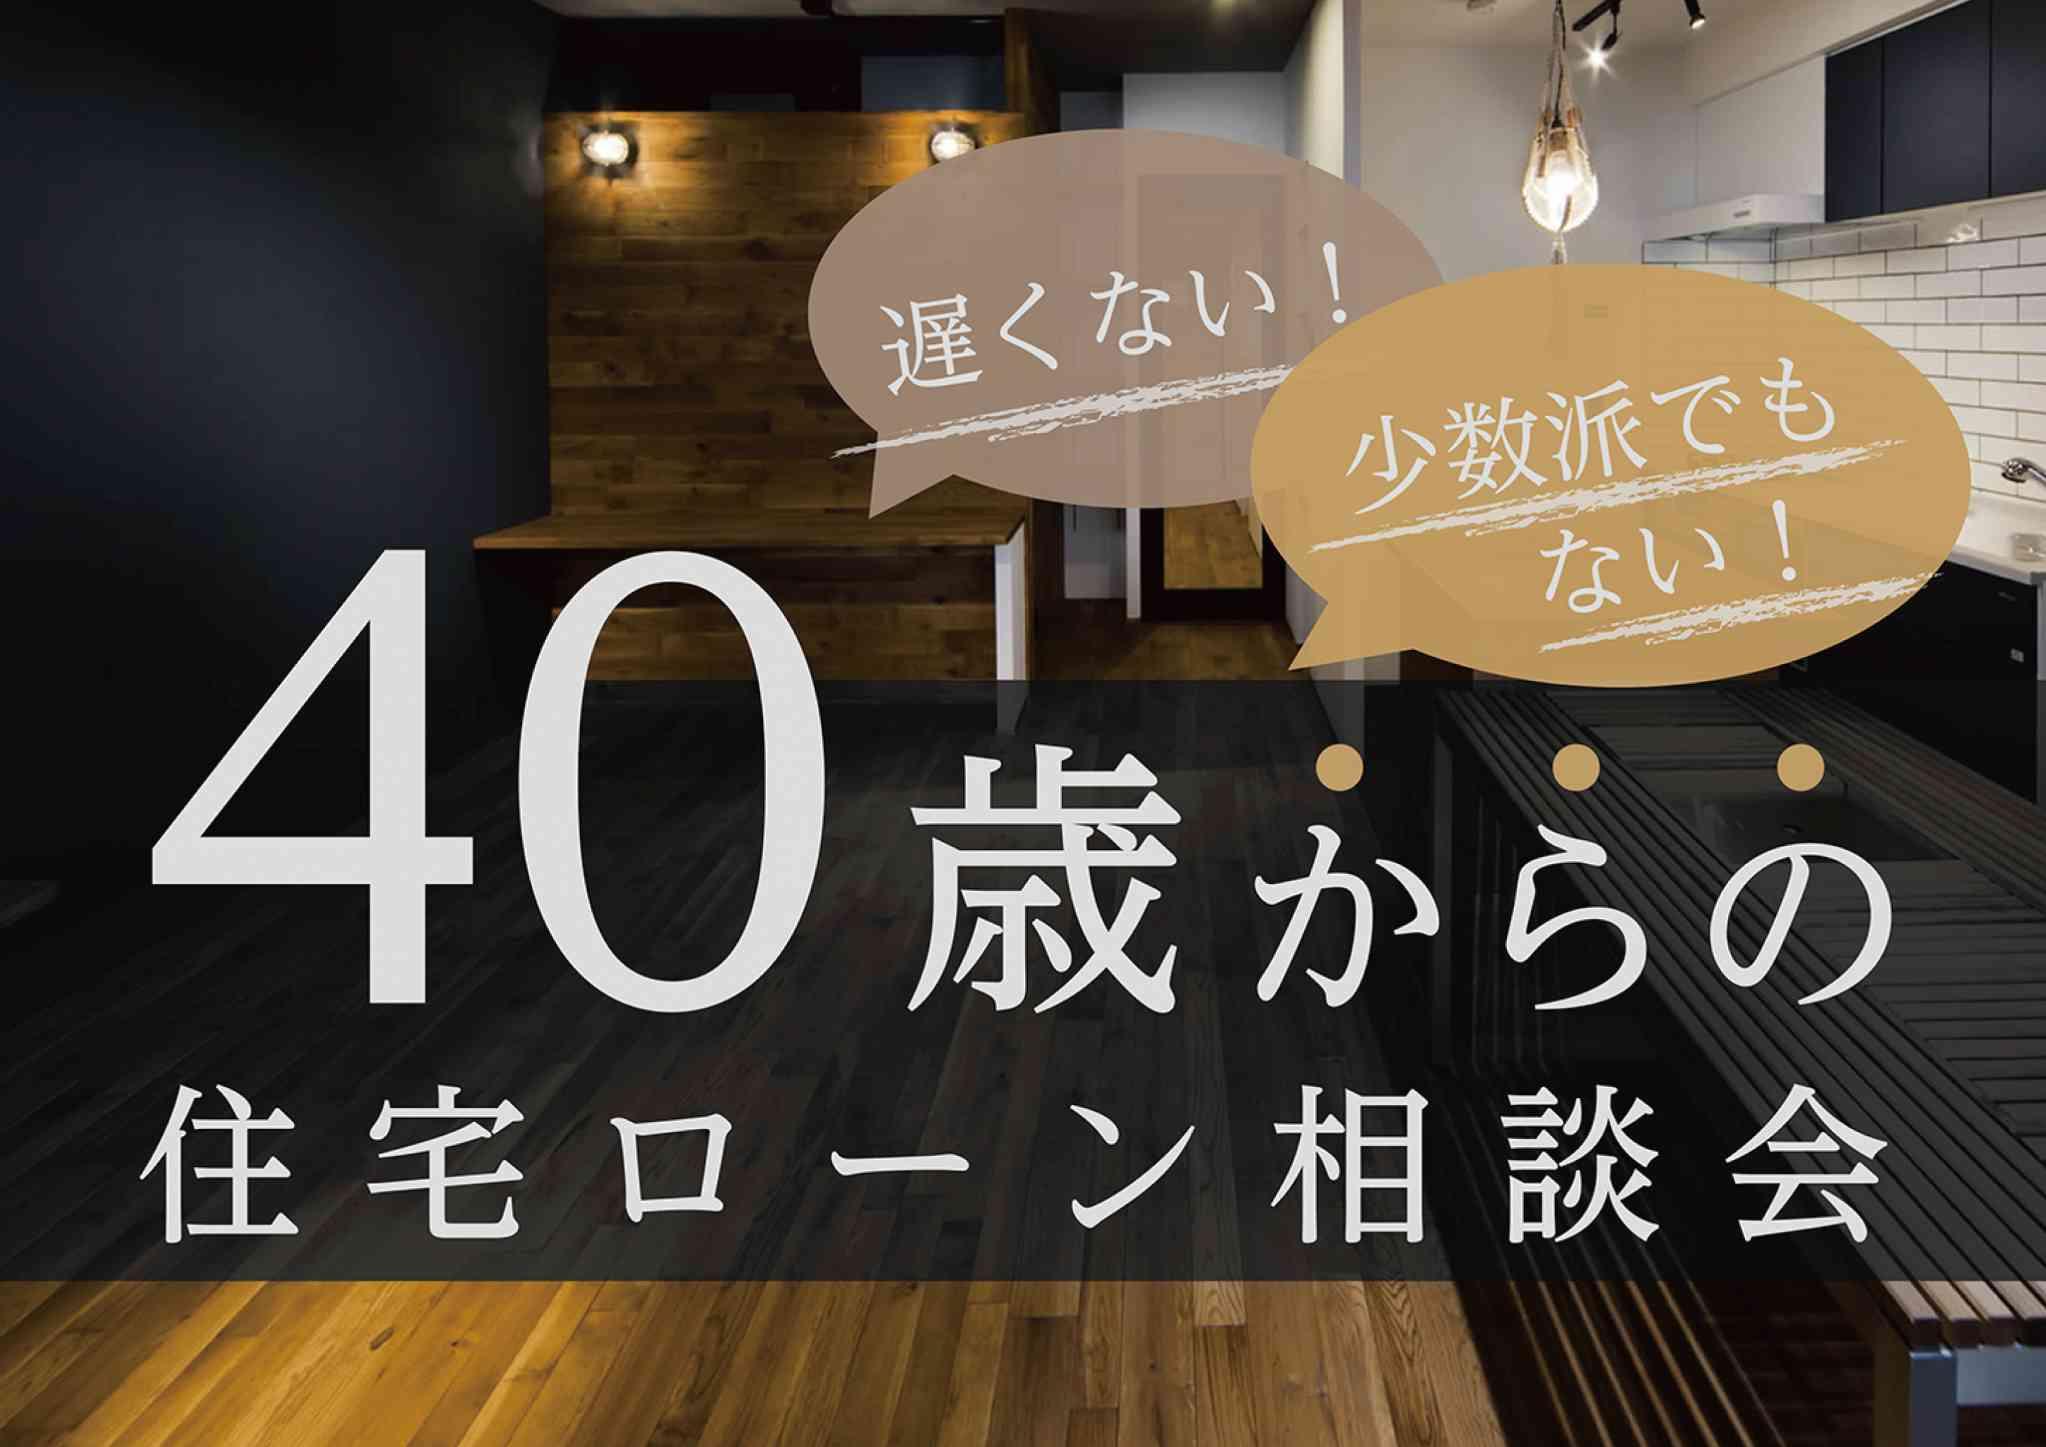 【開催地:江戸川区】40歳からの住宅ローン相談会